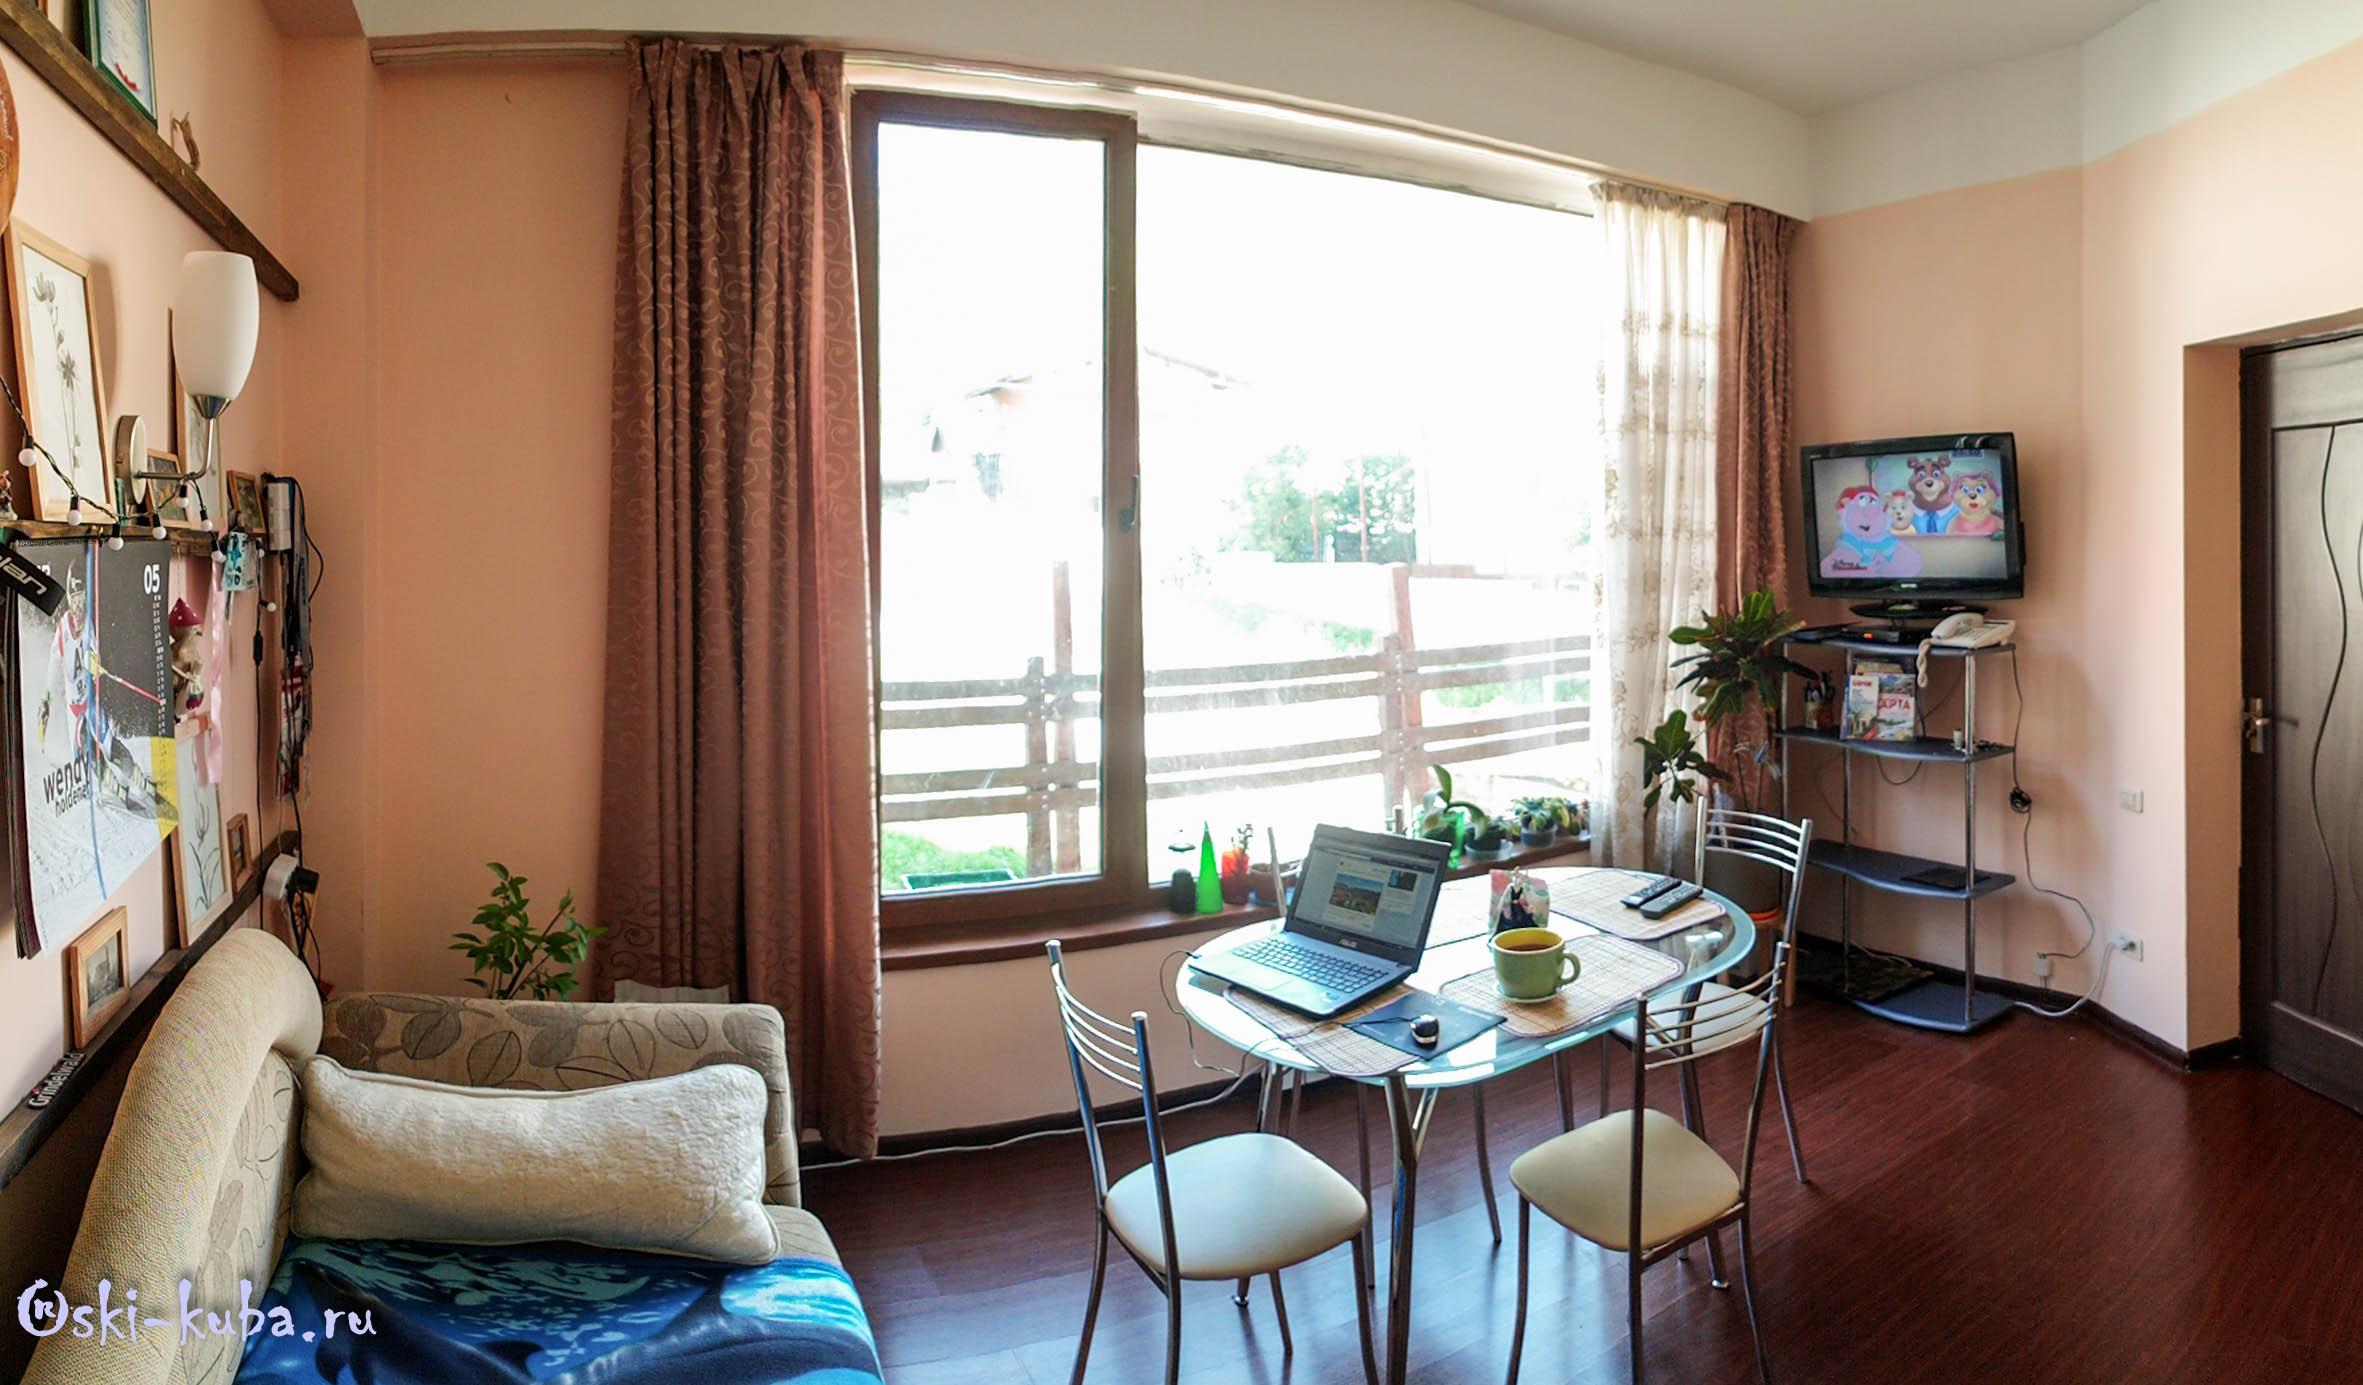 Апартаменты на Турчинского 50. Кухня - студия